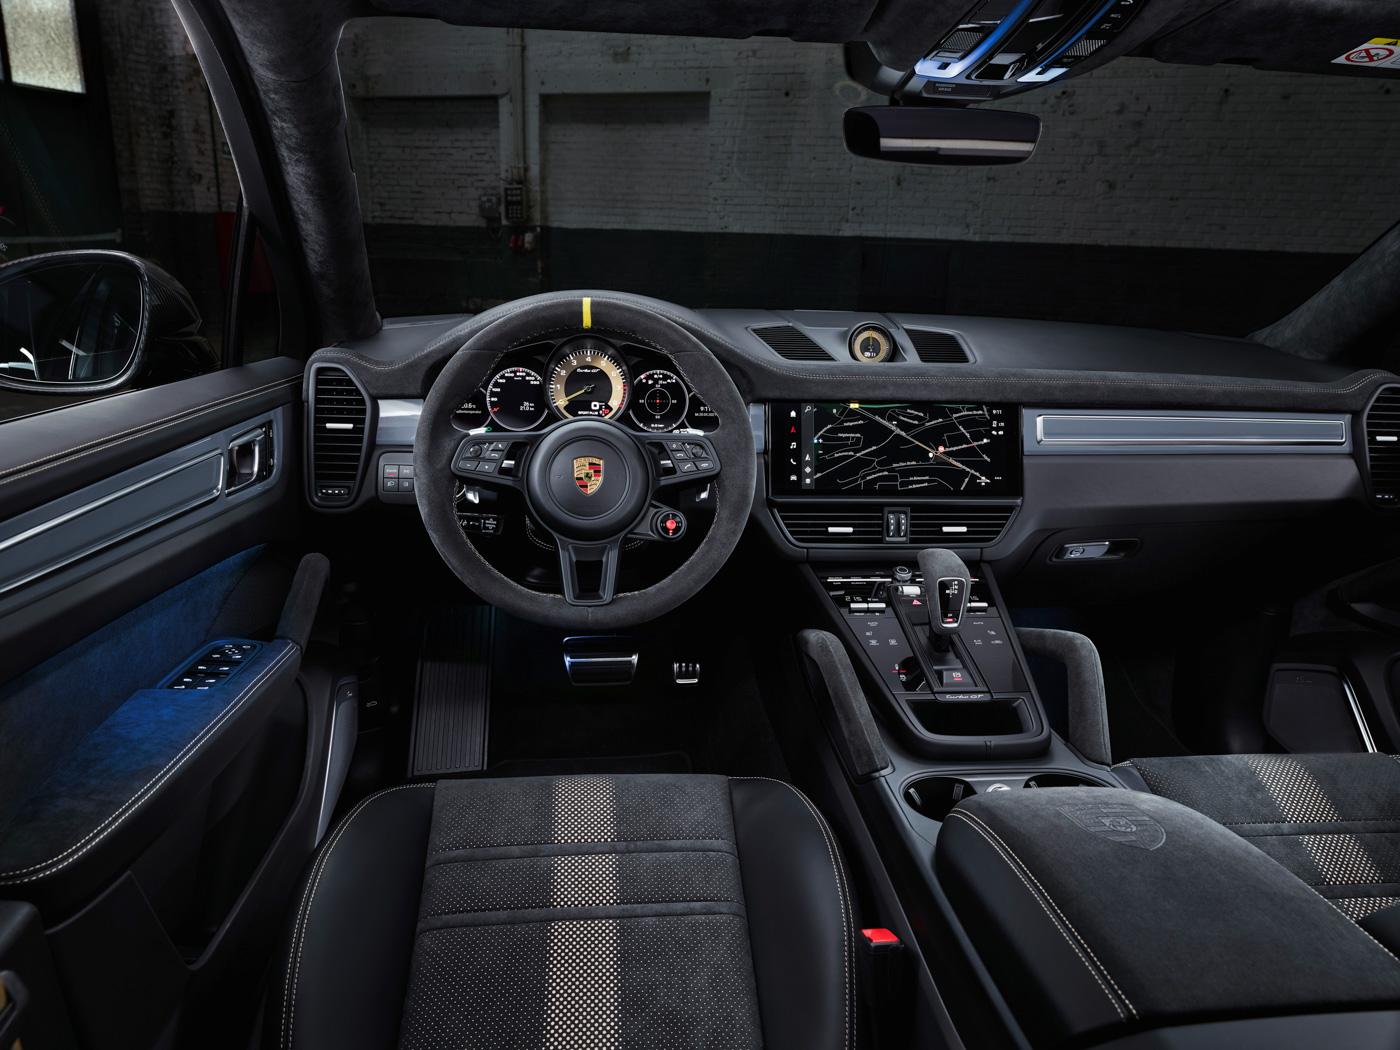 Porsche-Cayenne-Turbo-GT-có-giá-từ-1225-tỷ-đồng-tại-Việt-Nam-8.jpg